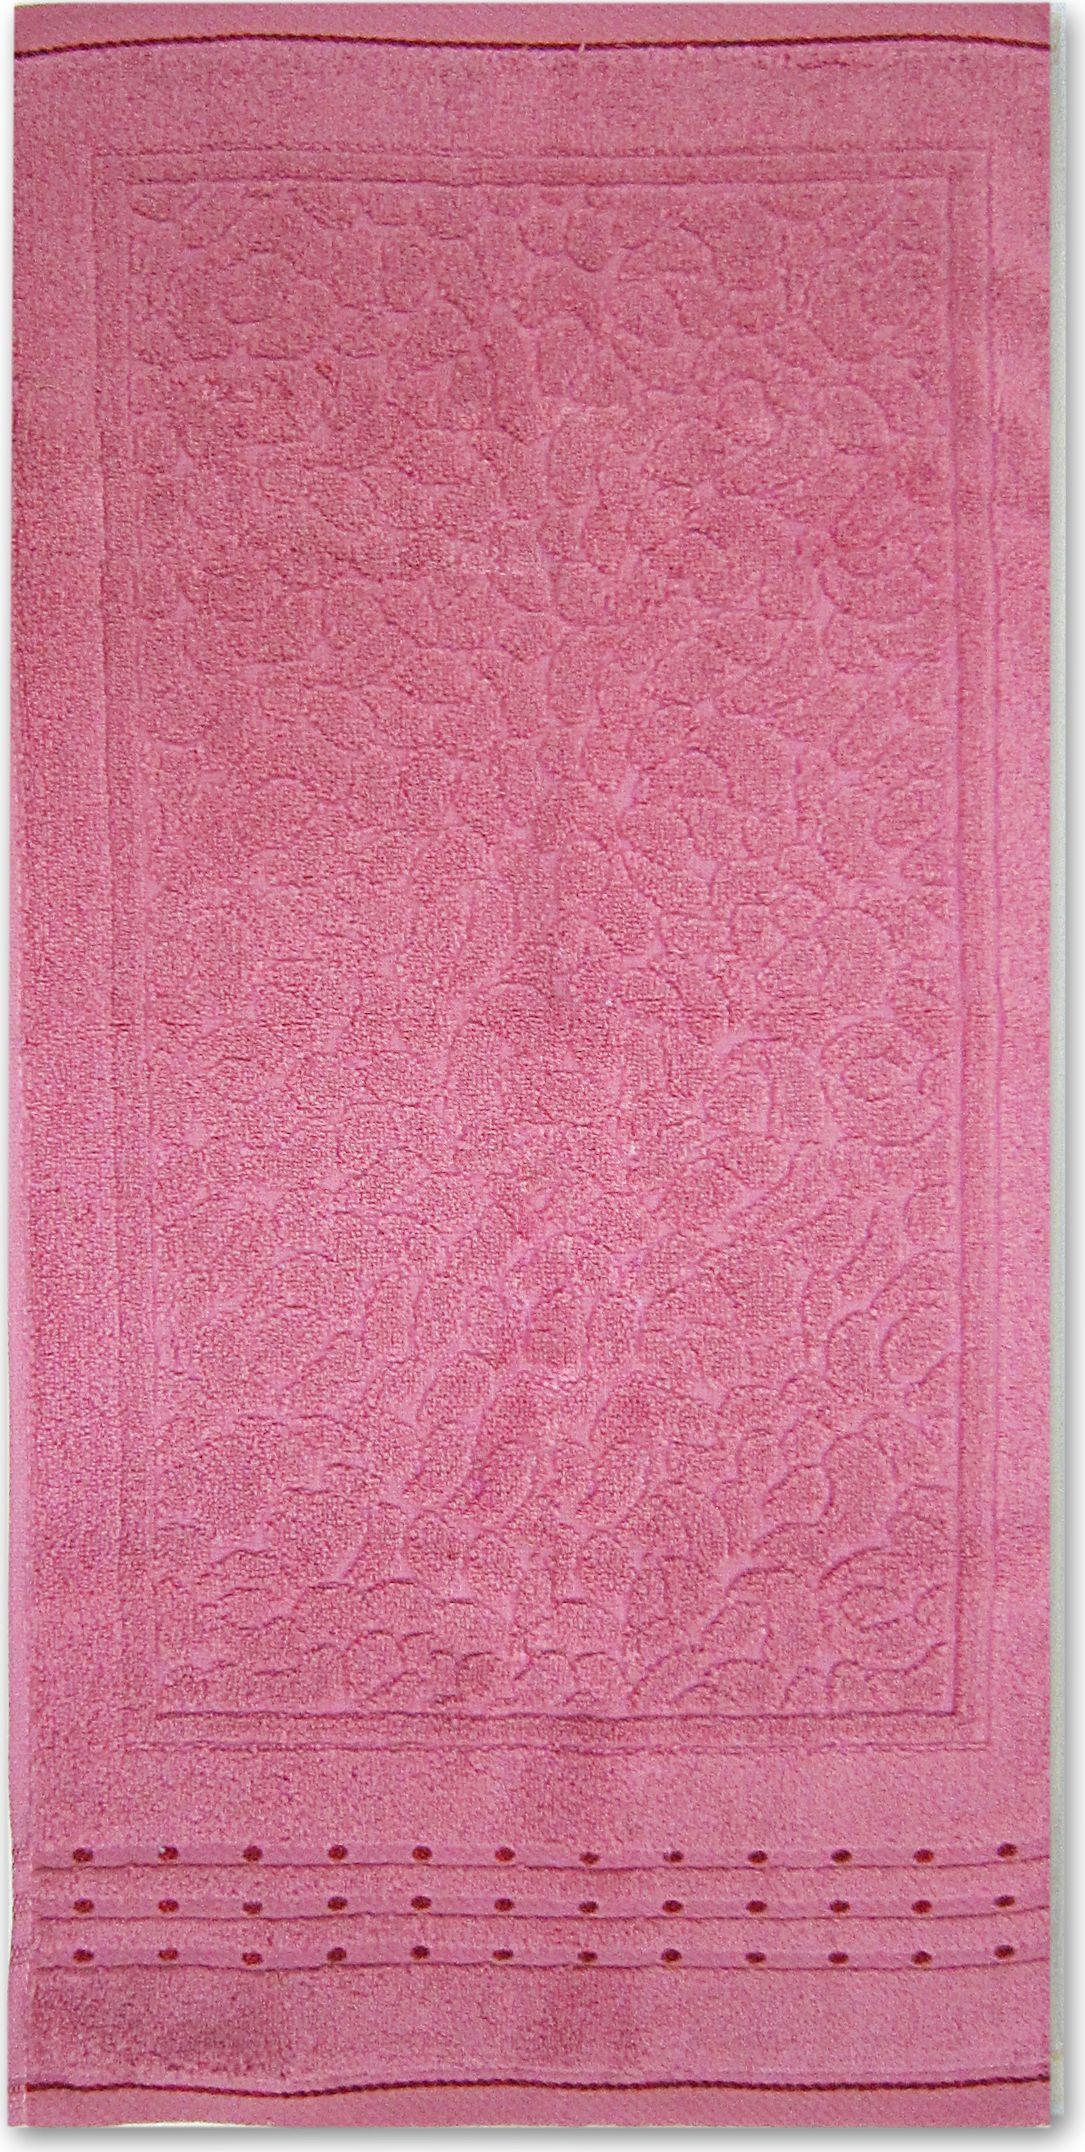 Полотенце махровое Bravo Морион, цвет: малиновый, 50 х 90 см85549Полотенце Морион выполнено из натуральной махровой ткани (100% хлопок). Изделие отлично впитывает влагу, быстро сохнет, сохраняет яркость цвета и не теряет форму даже после многократных стирок. Полотенце очень практично и неприхотливо в уходе. Оно создаст прекрасное настроение и украсит интерьер в ванной комнате.